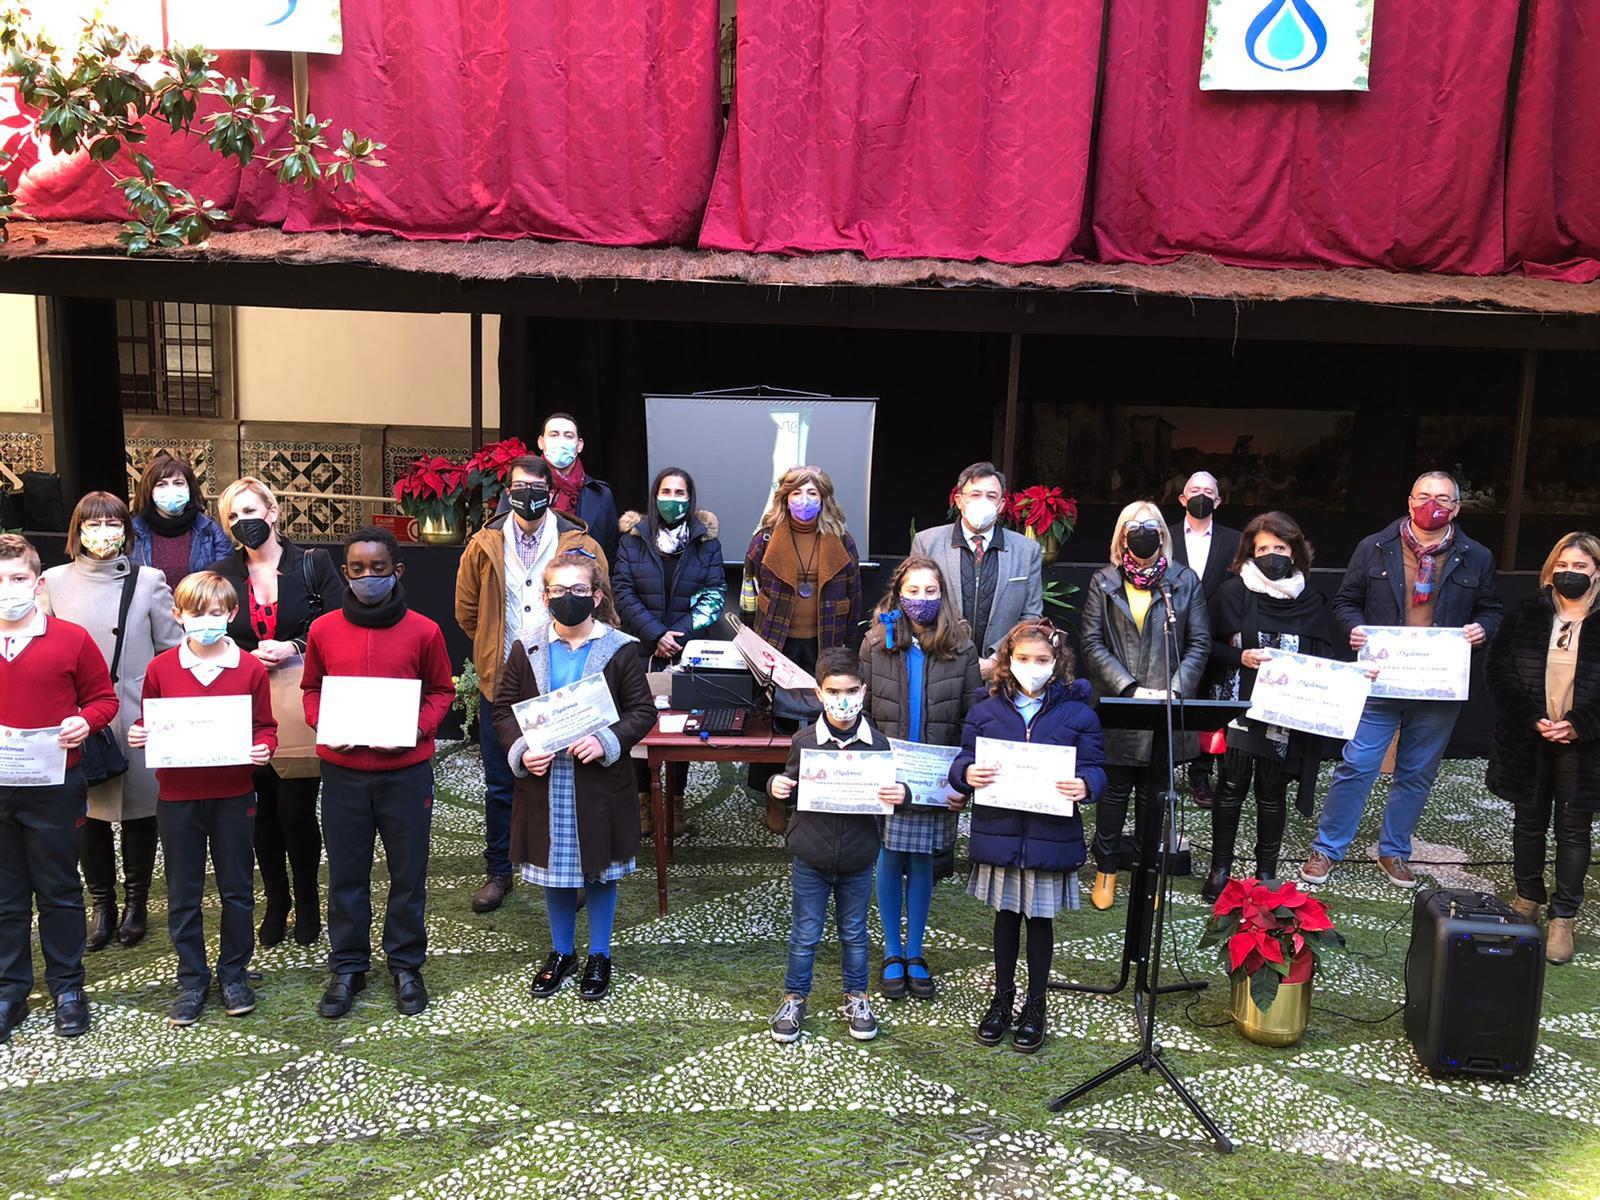 Los colegios Juan XIII Cartuja y C.D.P. La Asunción ganan el certamen de cuentos de Navidad